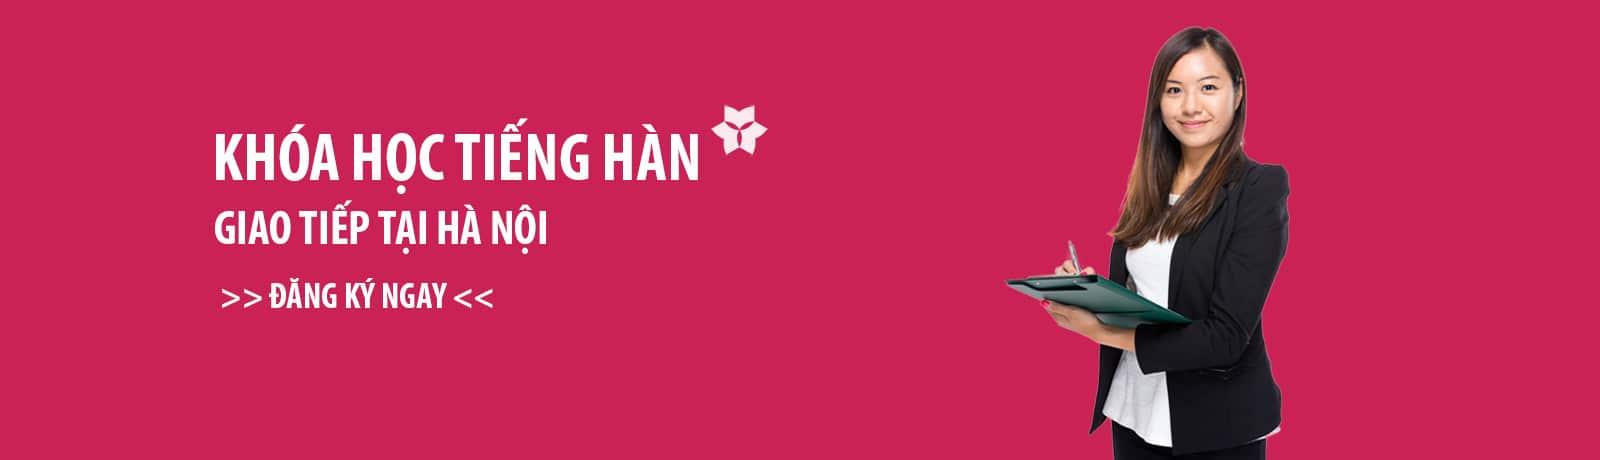 Khóa học tiếng Hàn giao tiếp tại Hà Nội